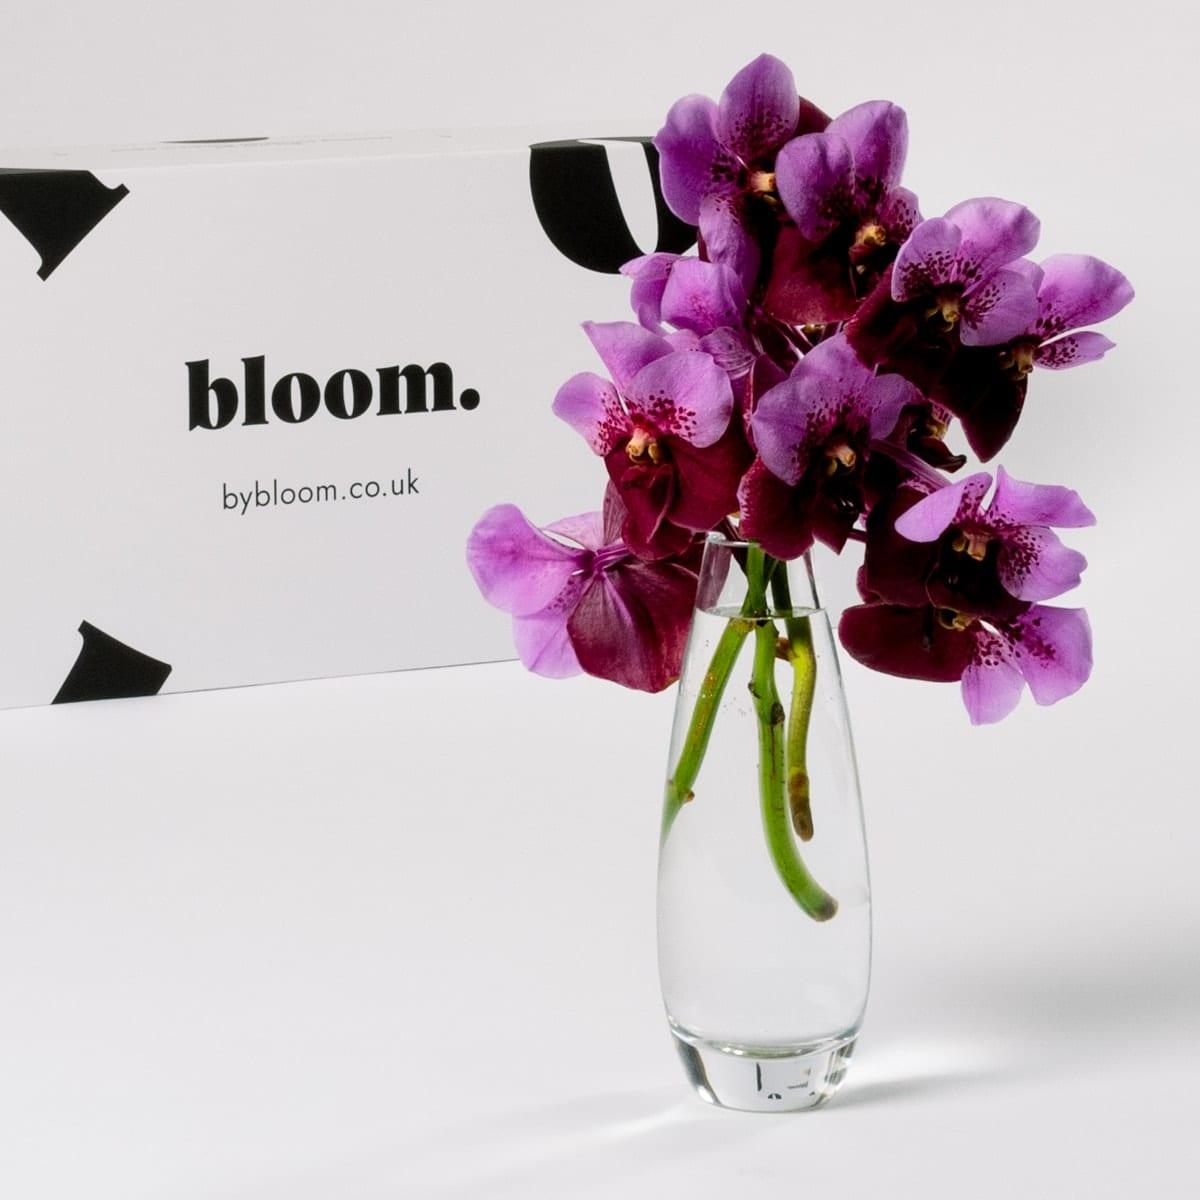 Bloom Flower Delivery | Muddled Grape Vanda Orchid